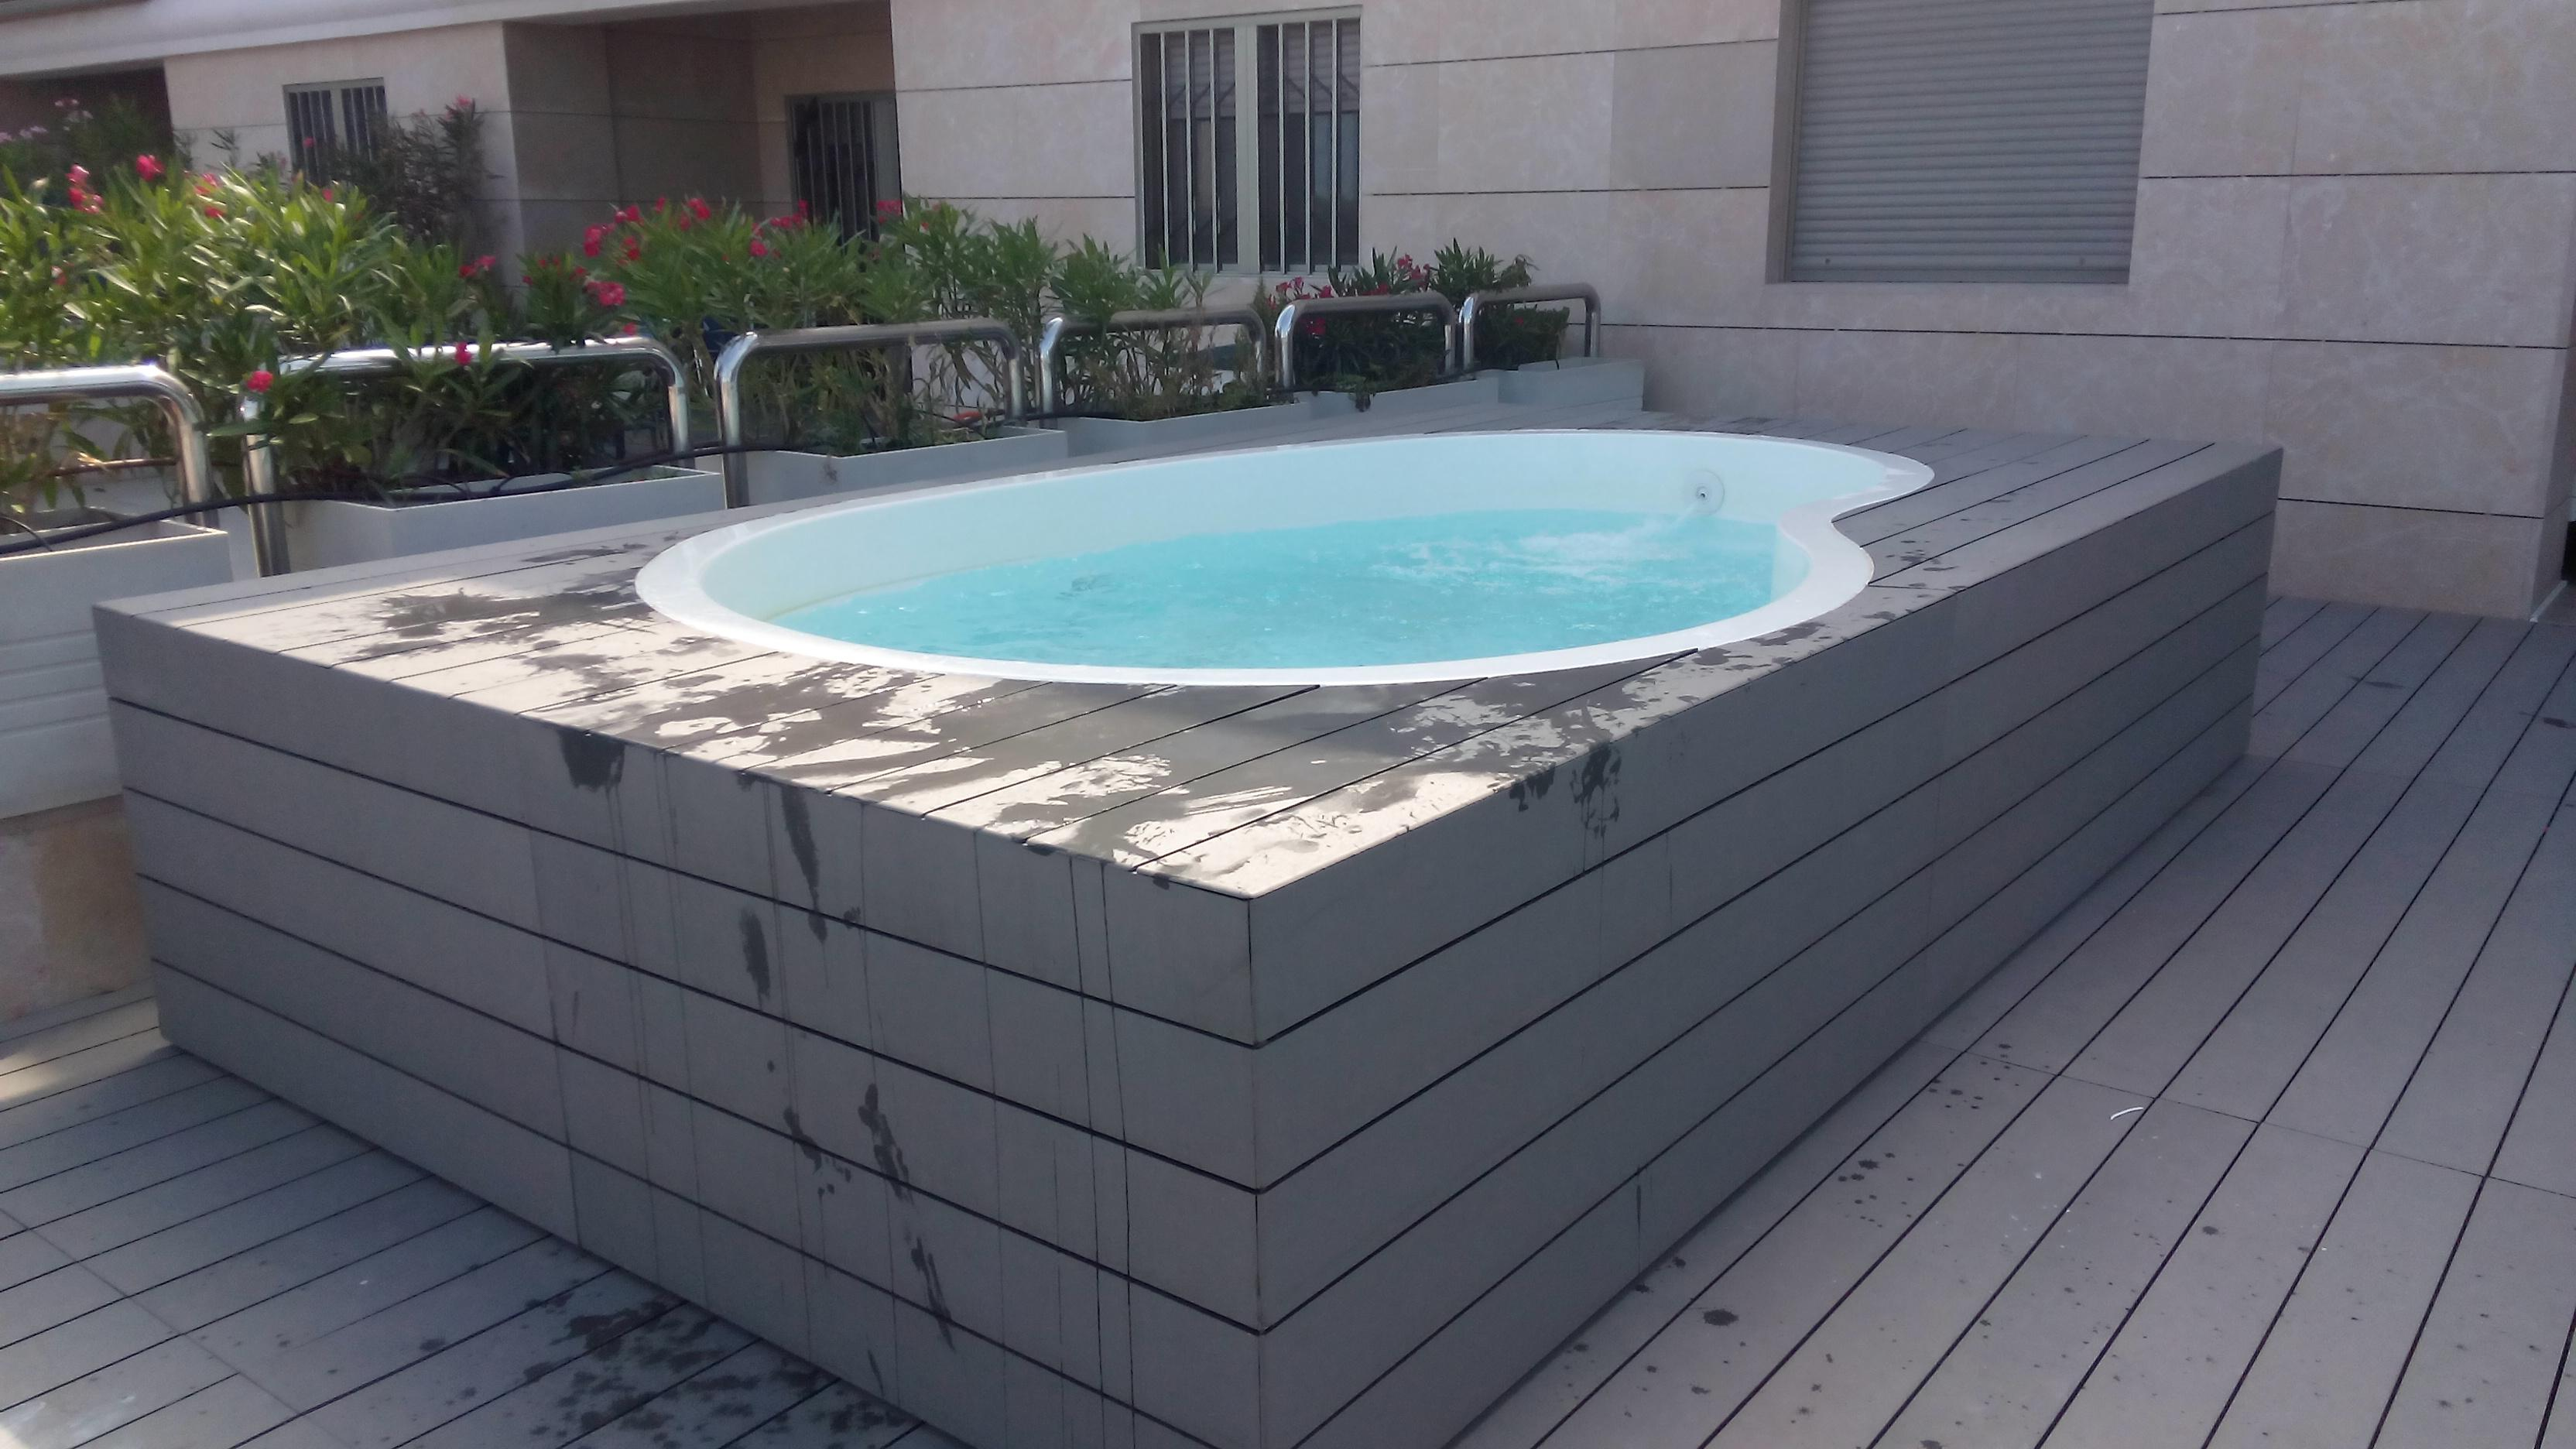 piscinas de fibra | piscina de poliester | piscinas de obra